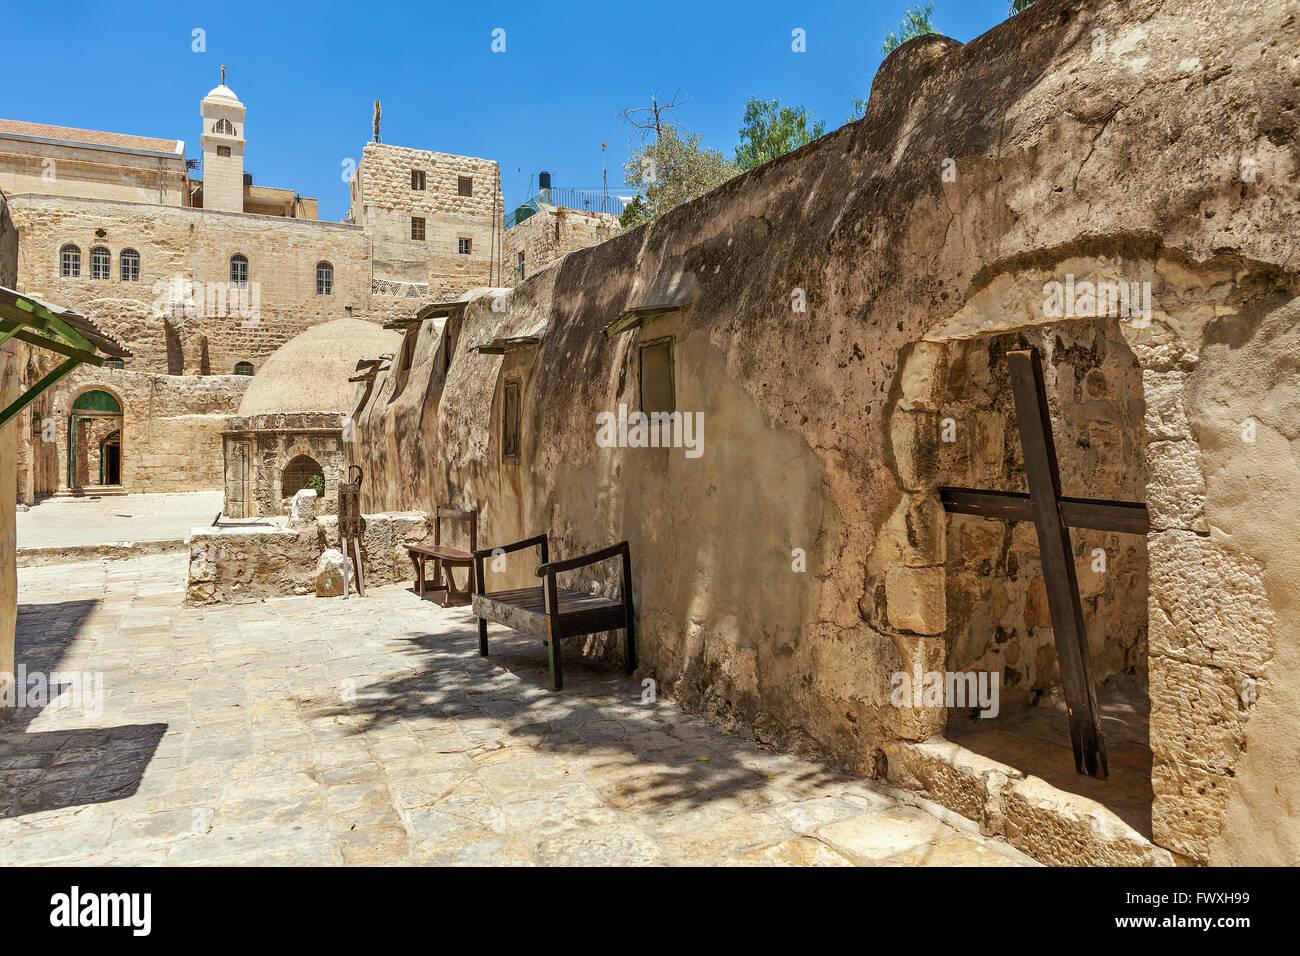 Croce di legno e pietra le celle monastiche sul tetto della chiesa del Santo Sepolcro a Gerusalemme, Israele. Immagini Stock